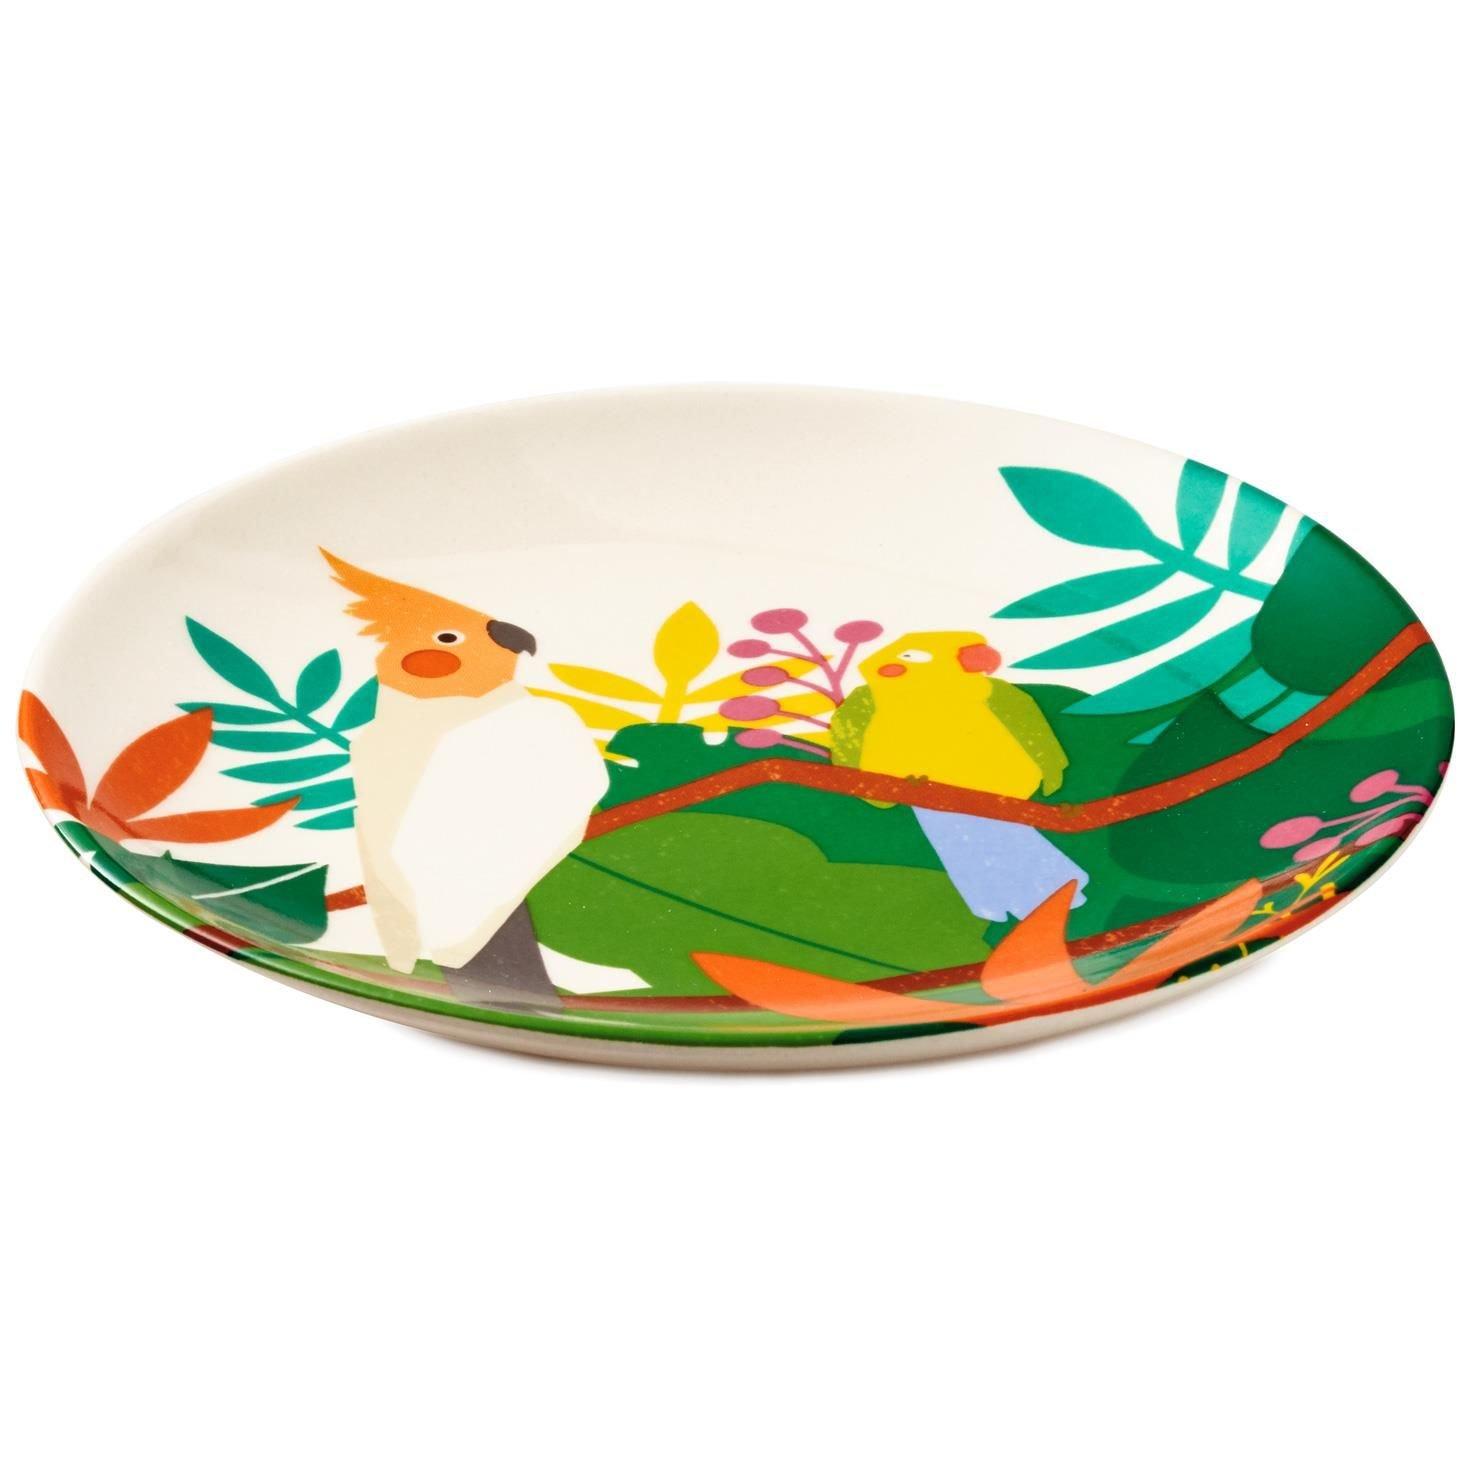 Cockatoo Dessert Plate Kitchen Accessories Animals & Nature